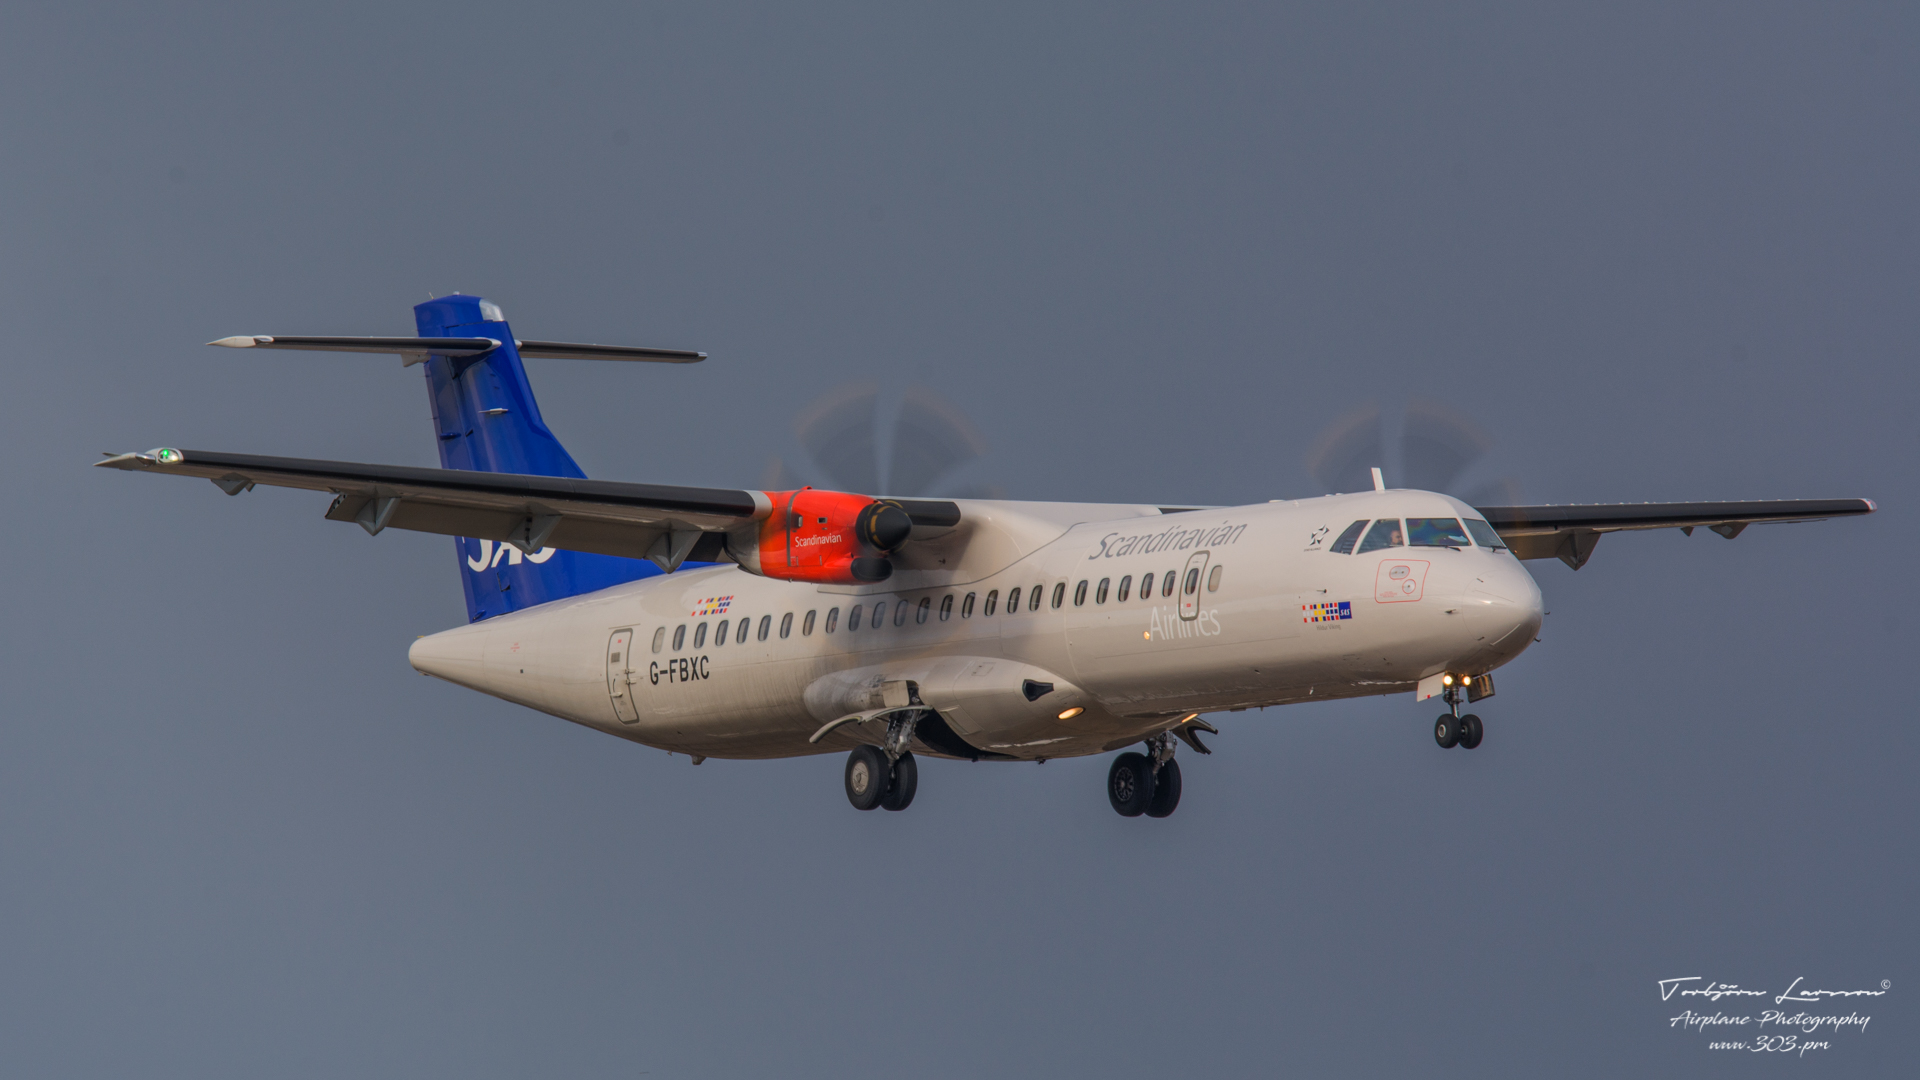 DSC_2486-SAS G-FBXC - ATR 42:72 - MSN 1300